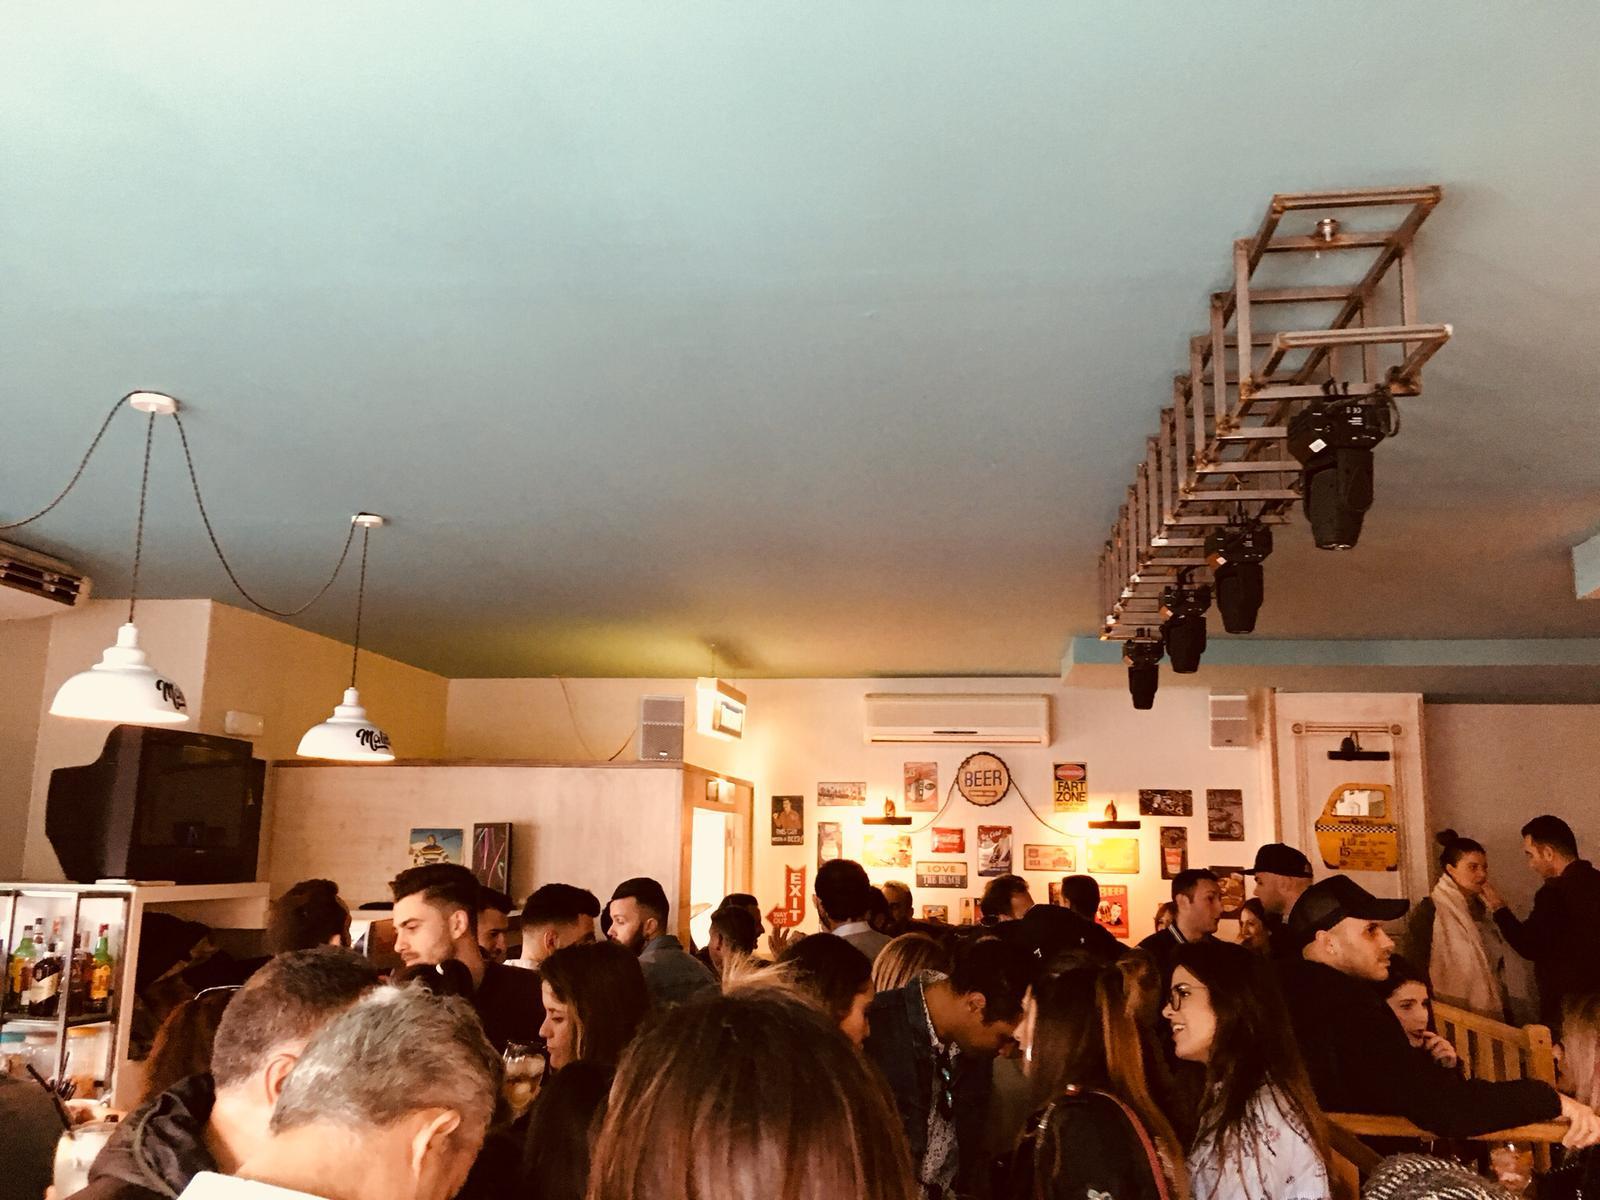 pub malibu punta umbria verano 2019 004